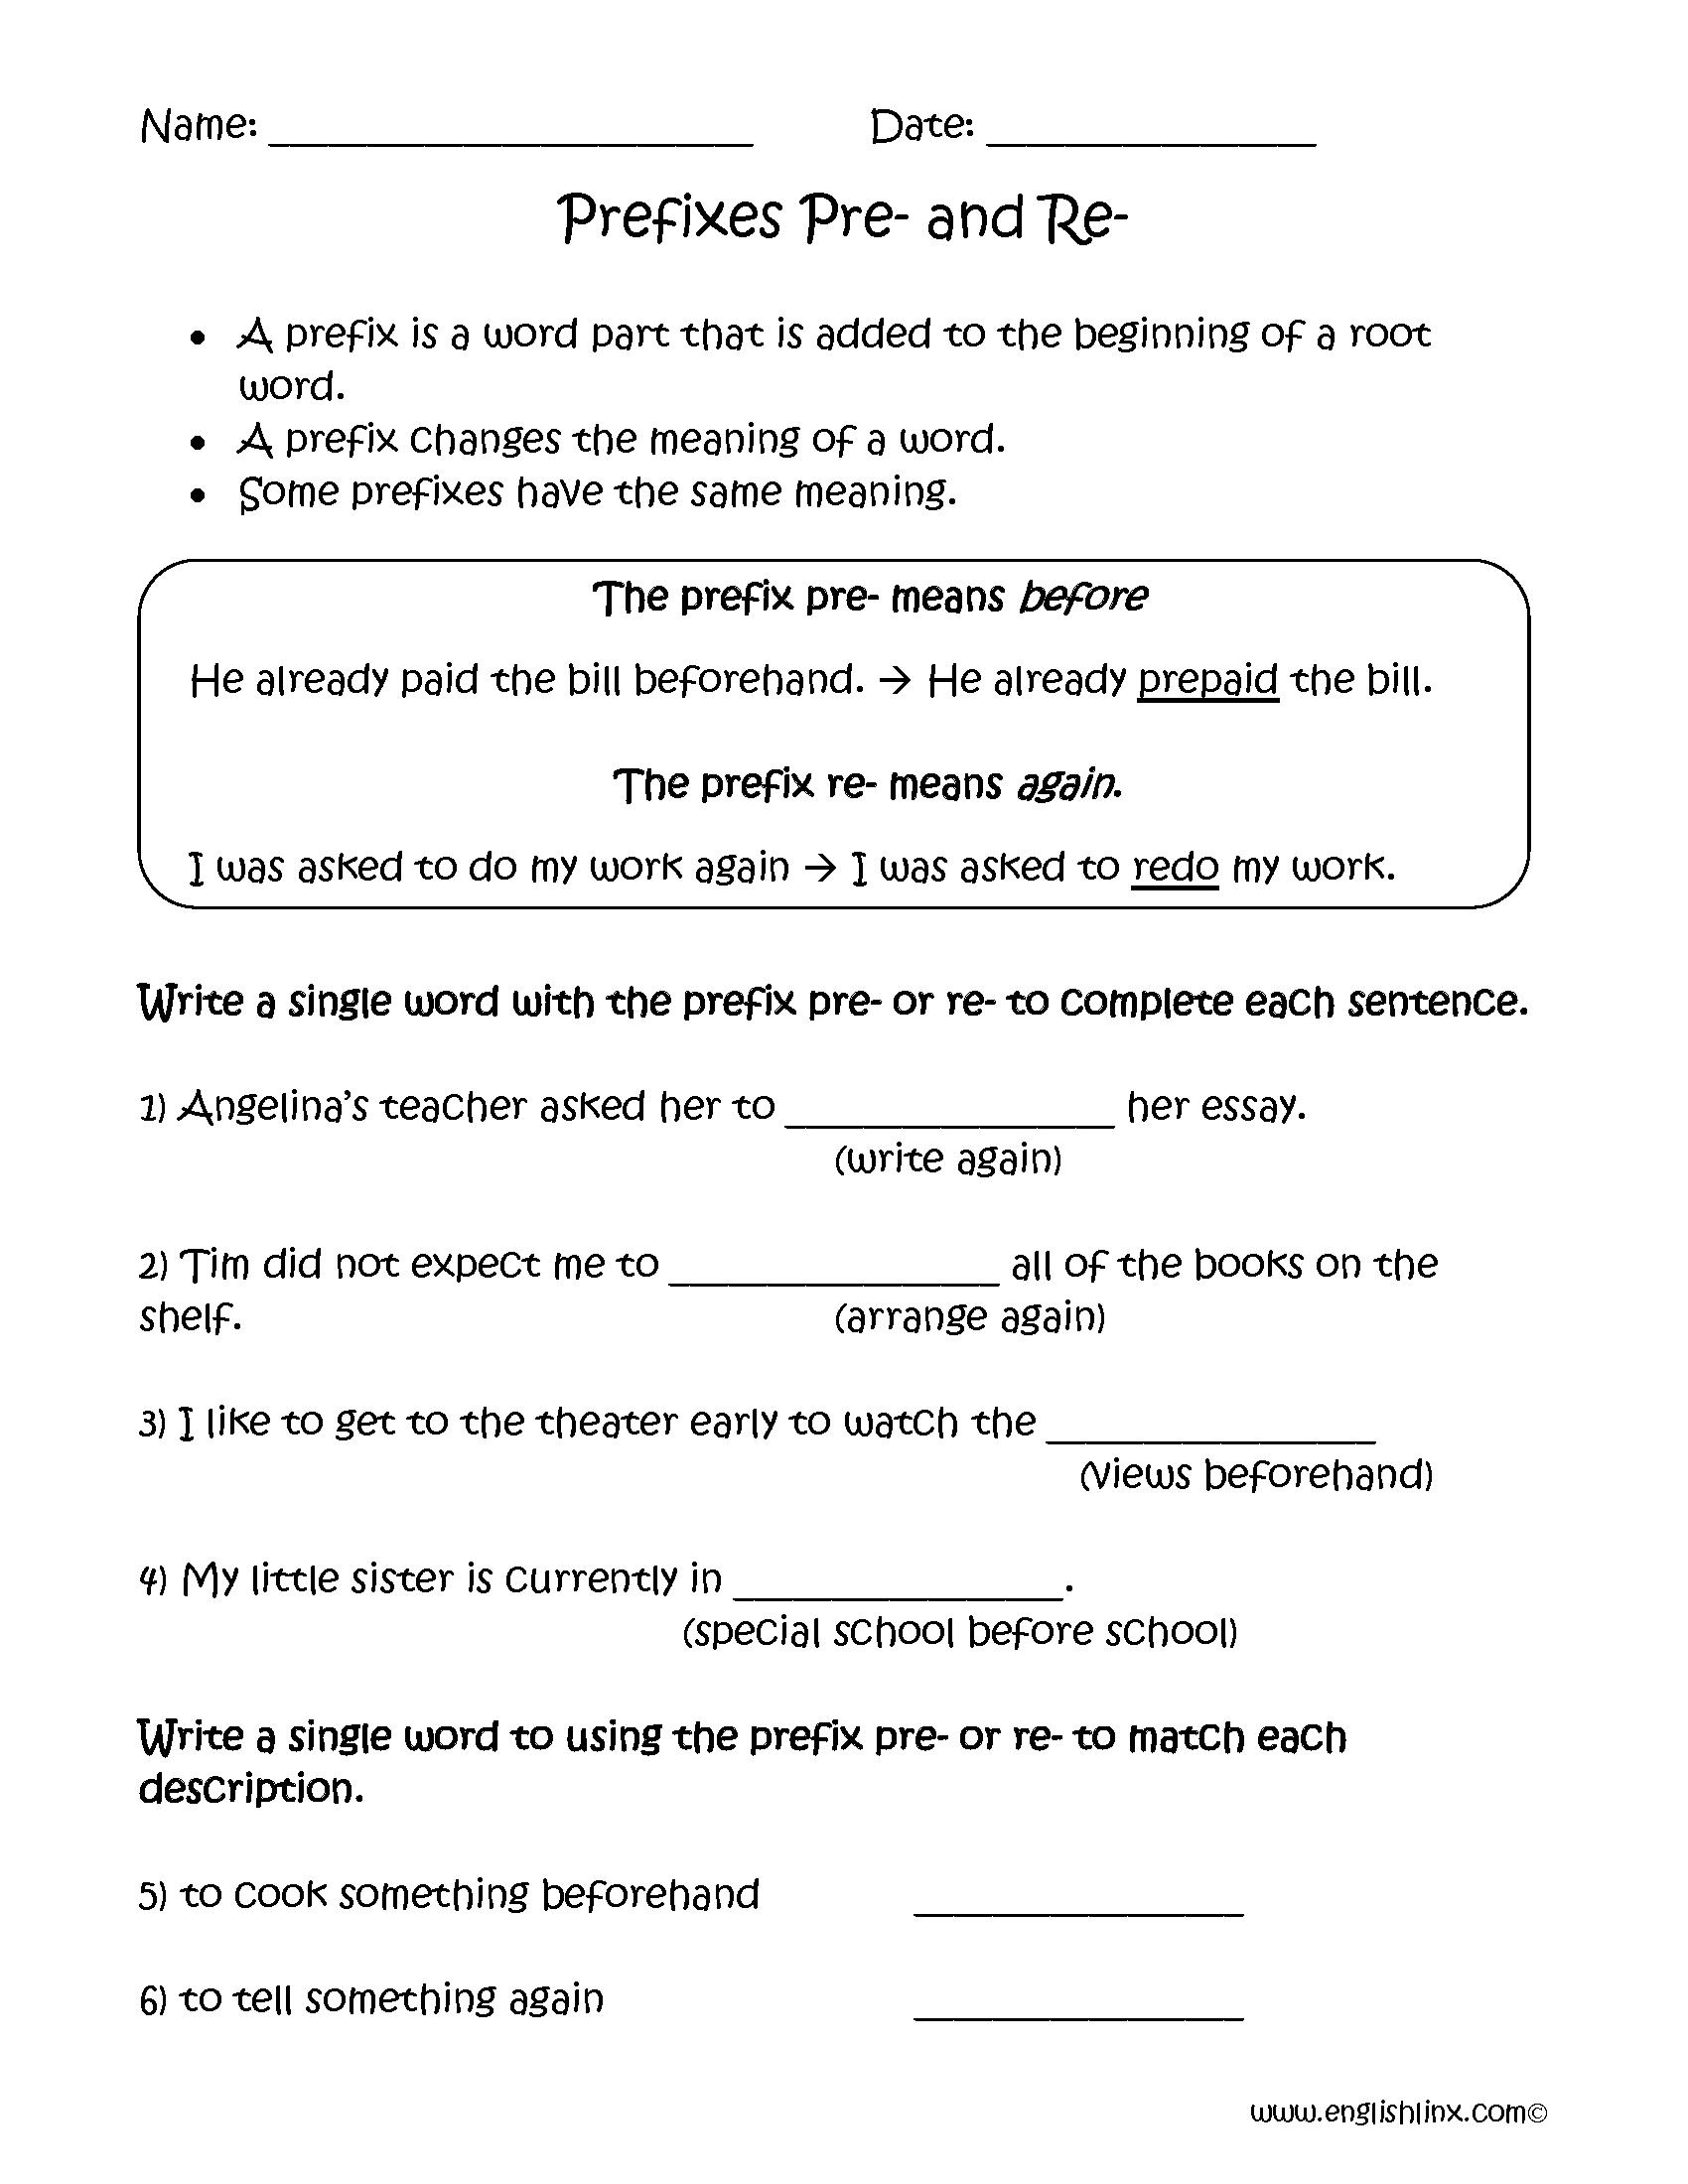 Prefixes Pre And Re Worksheets Prefix Worksheet Prefixes Suffixes Worksheets [ 2200 x 1700 Pixel ]